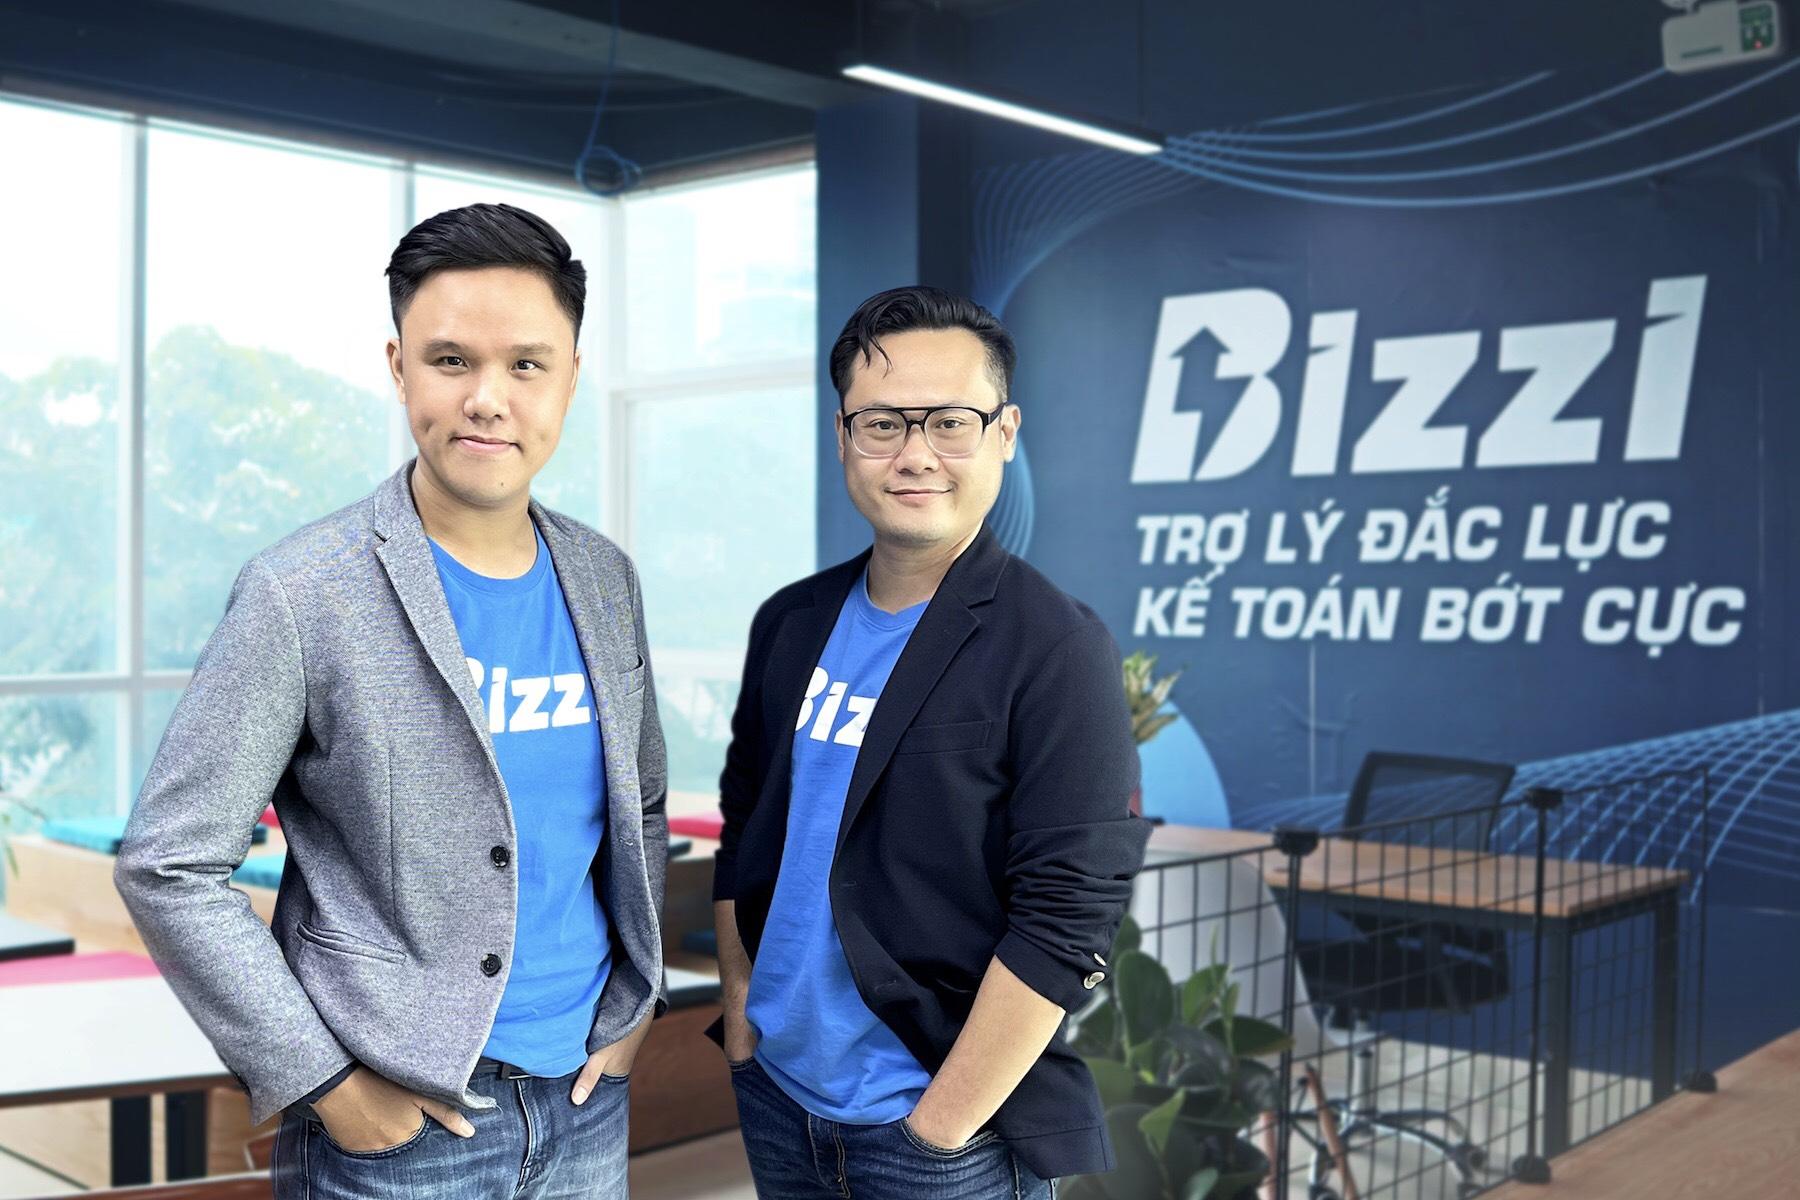 Startup Bizzi của cựu nhân viên VNG, Unilever gọi vốn Pre-Series A trị giá 3 triệu USD